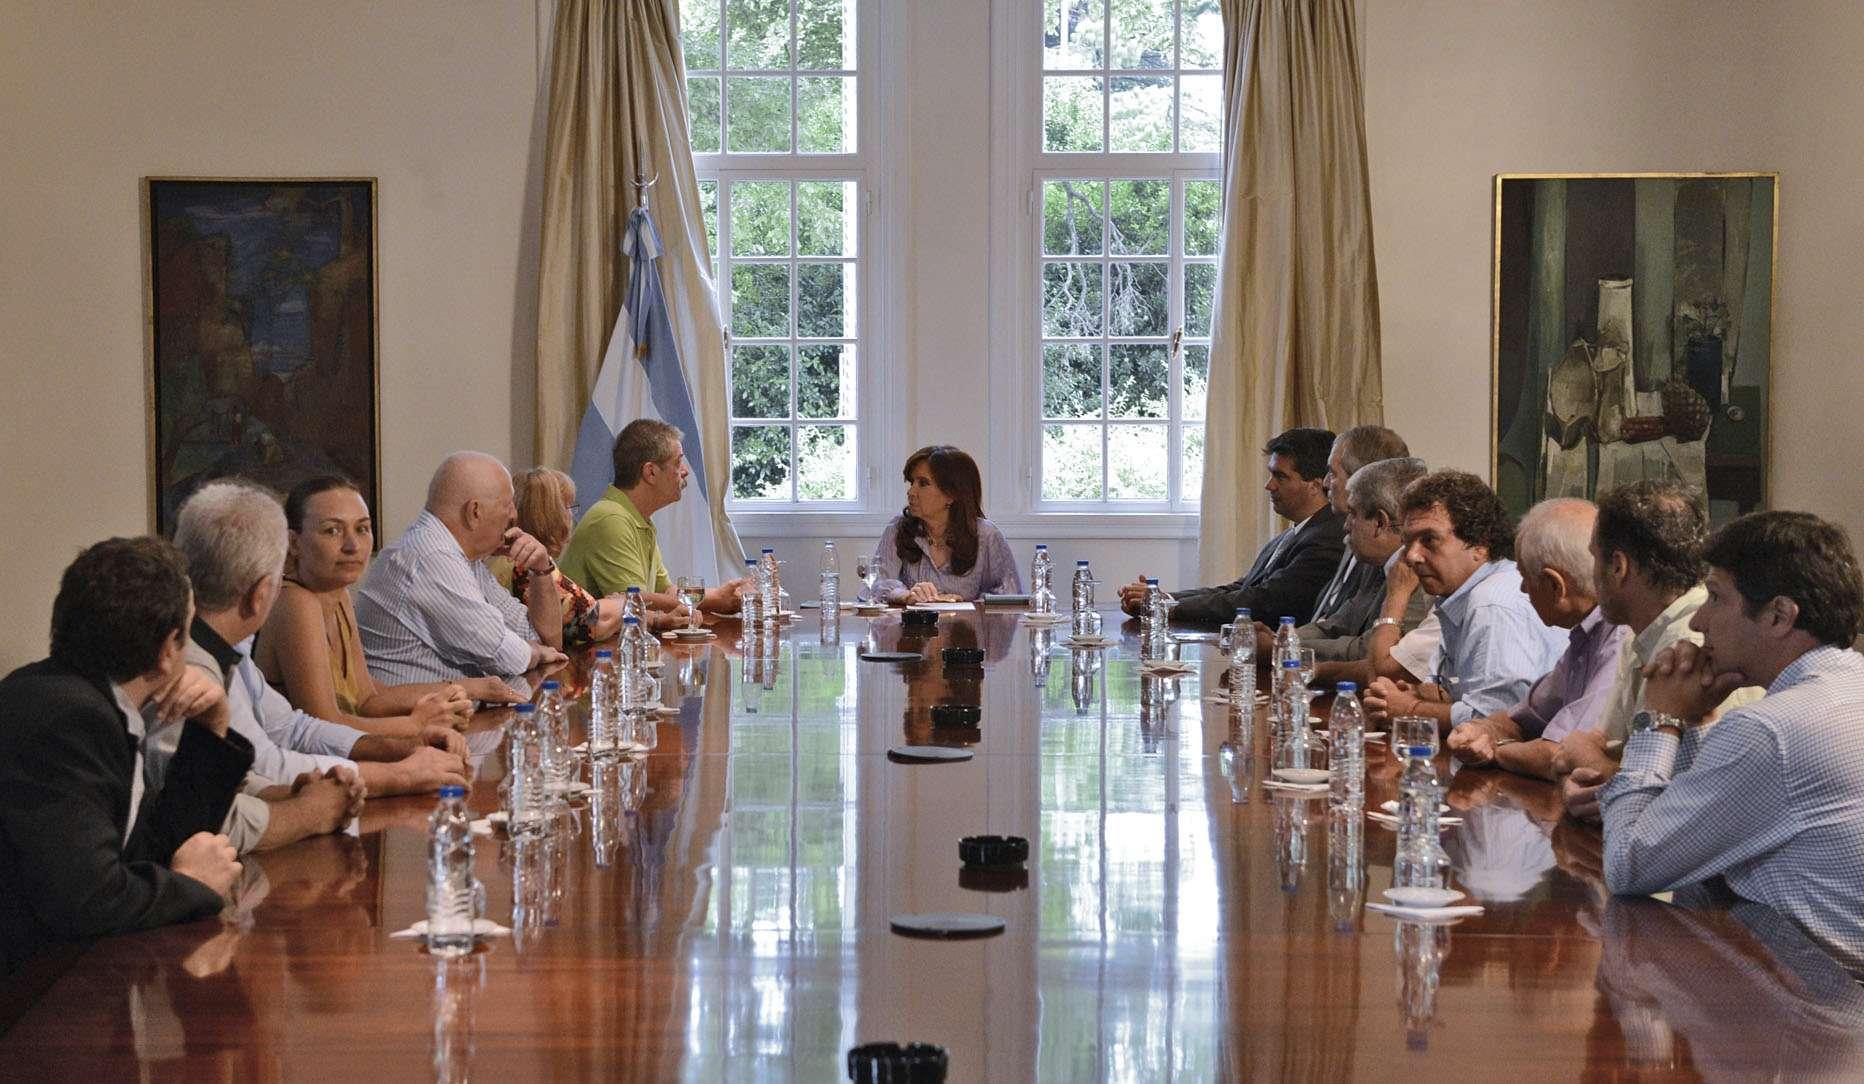 La presidenta Cristina Kirchner recibió esta tarde en la Residencia de Olivos a directivos y miembros de la Asociación 18J Familiares, Sobrevivientes y Amigos de las Víctimas del Atentado a la AMIA. Los integrantes de la organización estuvieron encabezadas por su titular, Sergio Burstein. Foto: NA/Presidencia